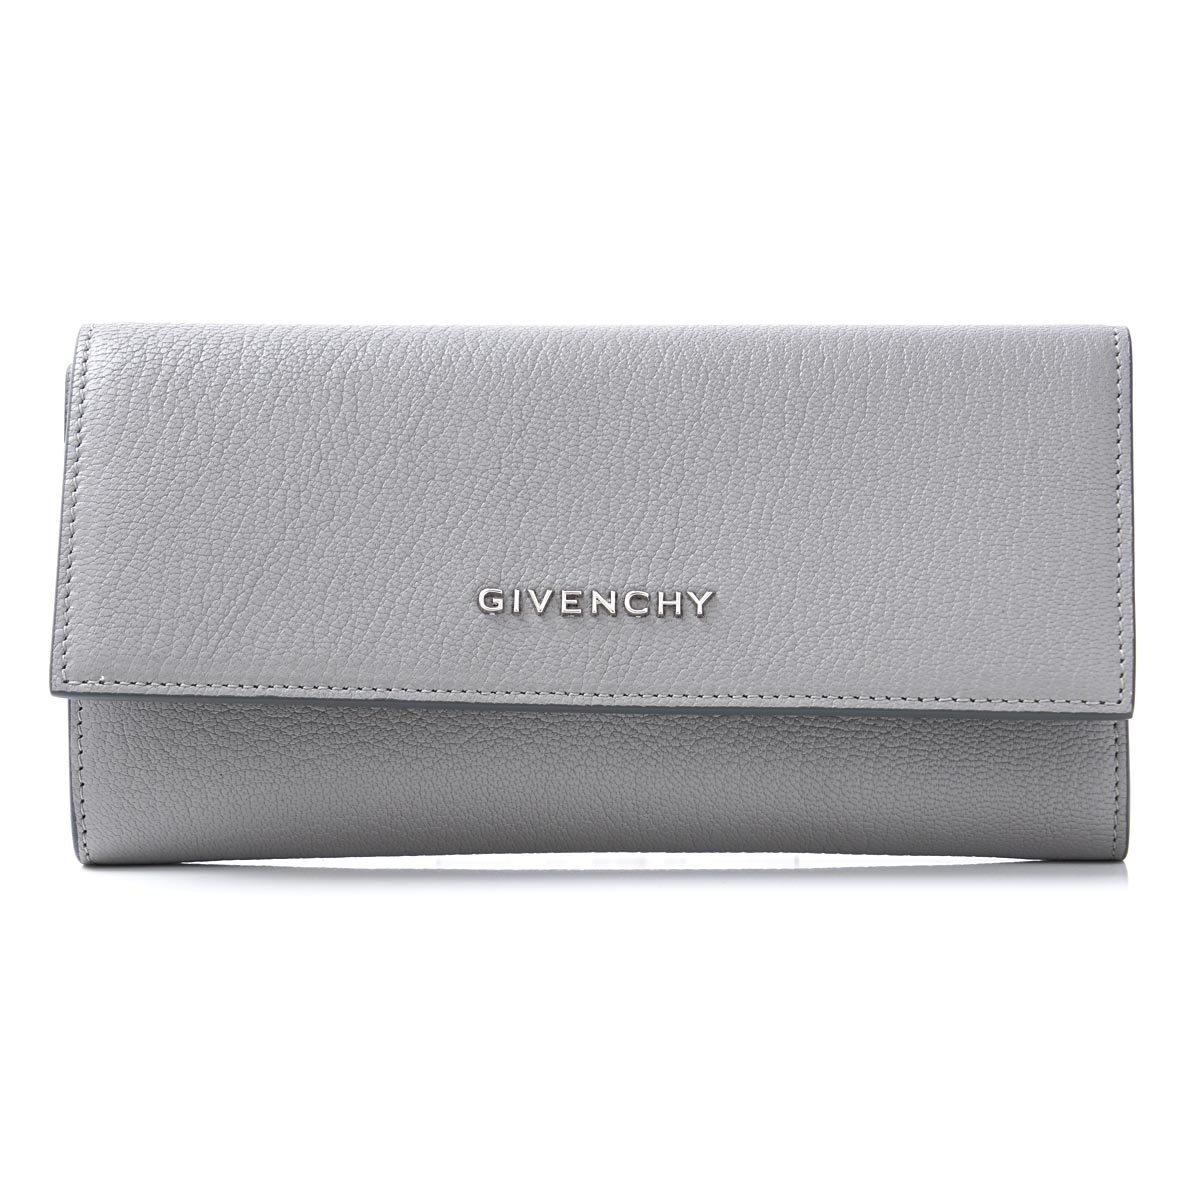 (ジバンシー) GIVENCHY 長財布 小銭入れ付き PANDORA パンドラ [並行輸入品] B0799JKJWX